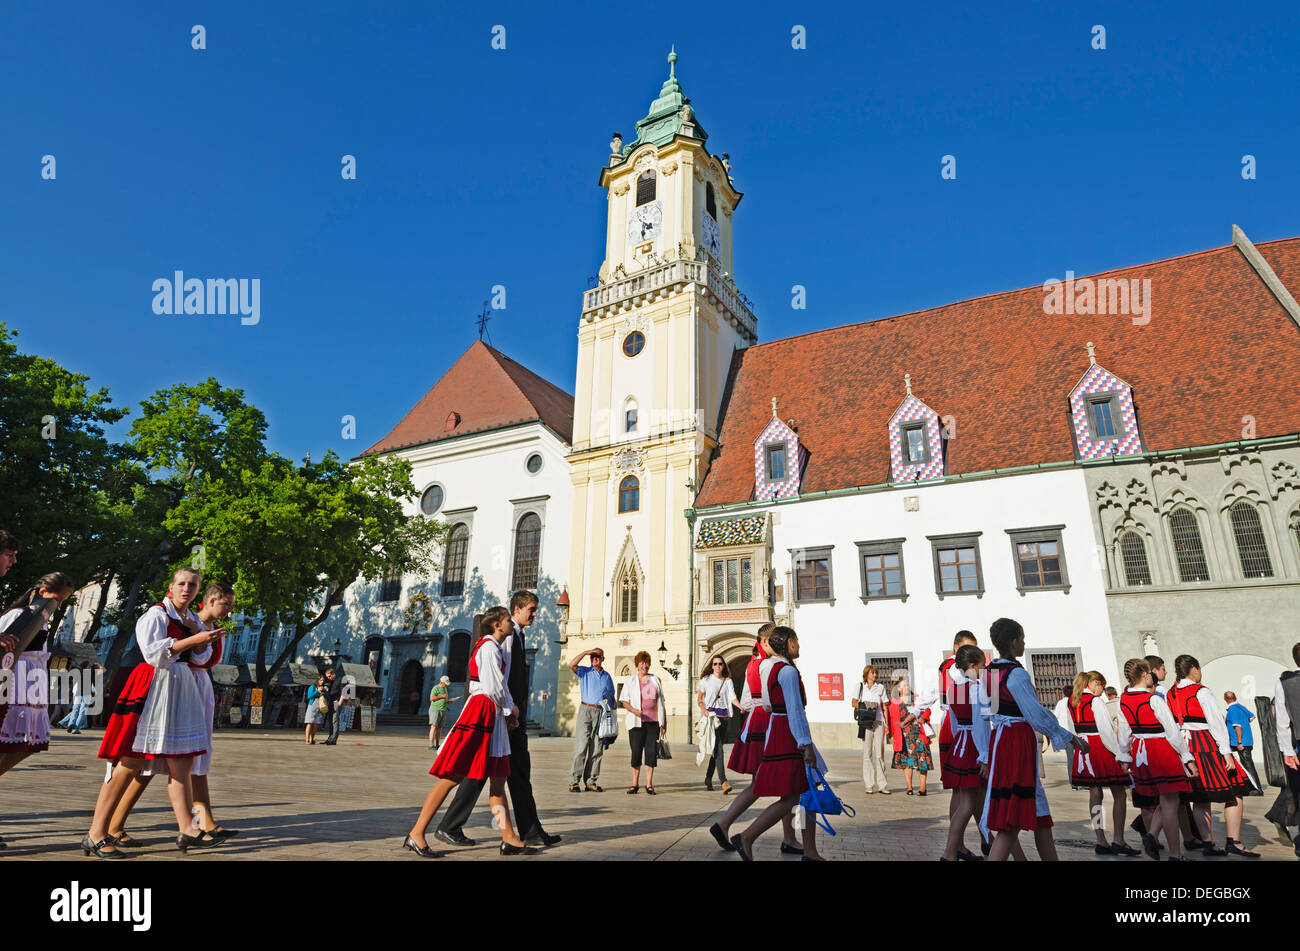 Los niños en traje tradicional en la plaza principal, en el Antiguo Ayuntamiento Museo Municipal que data de 1421, Bratislava, Eslovaquia Imagen De Stock